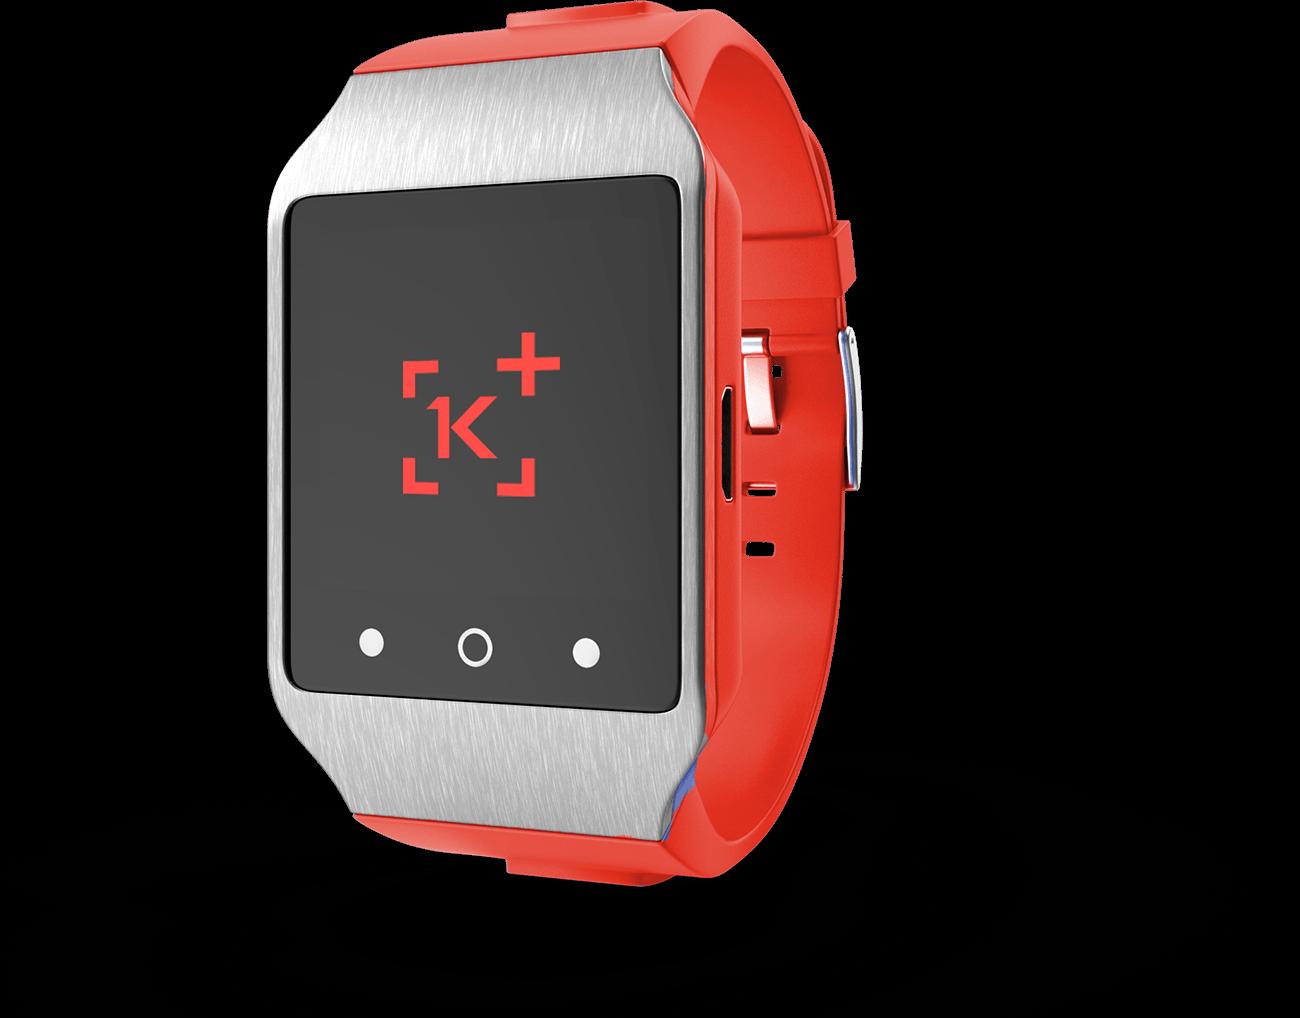 Smart watch device